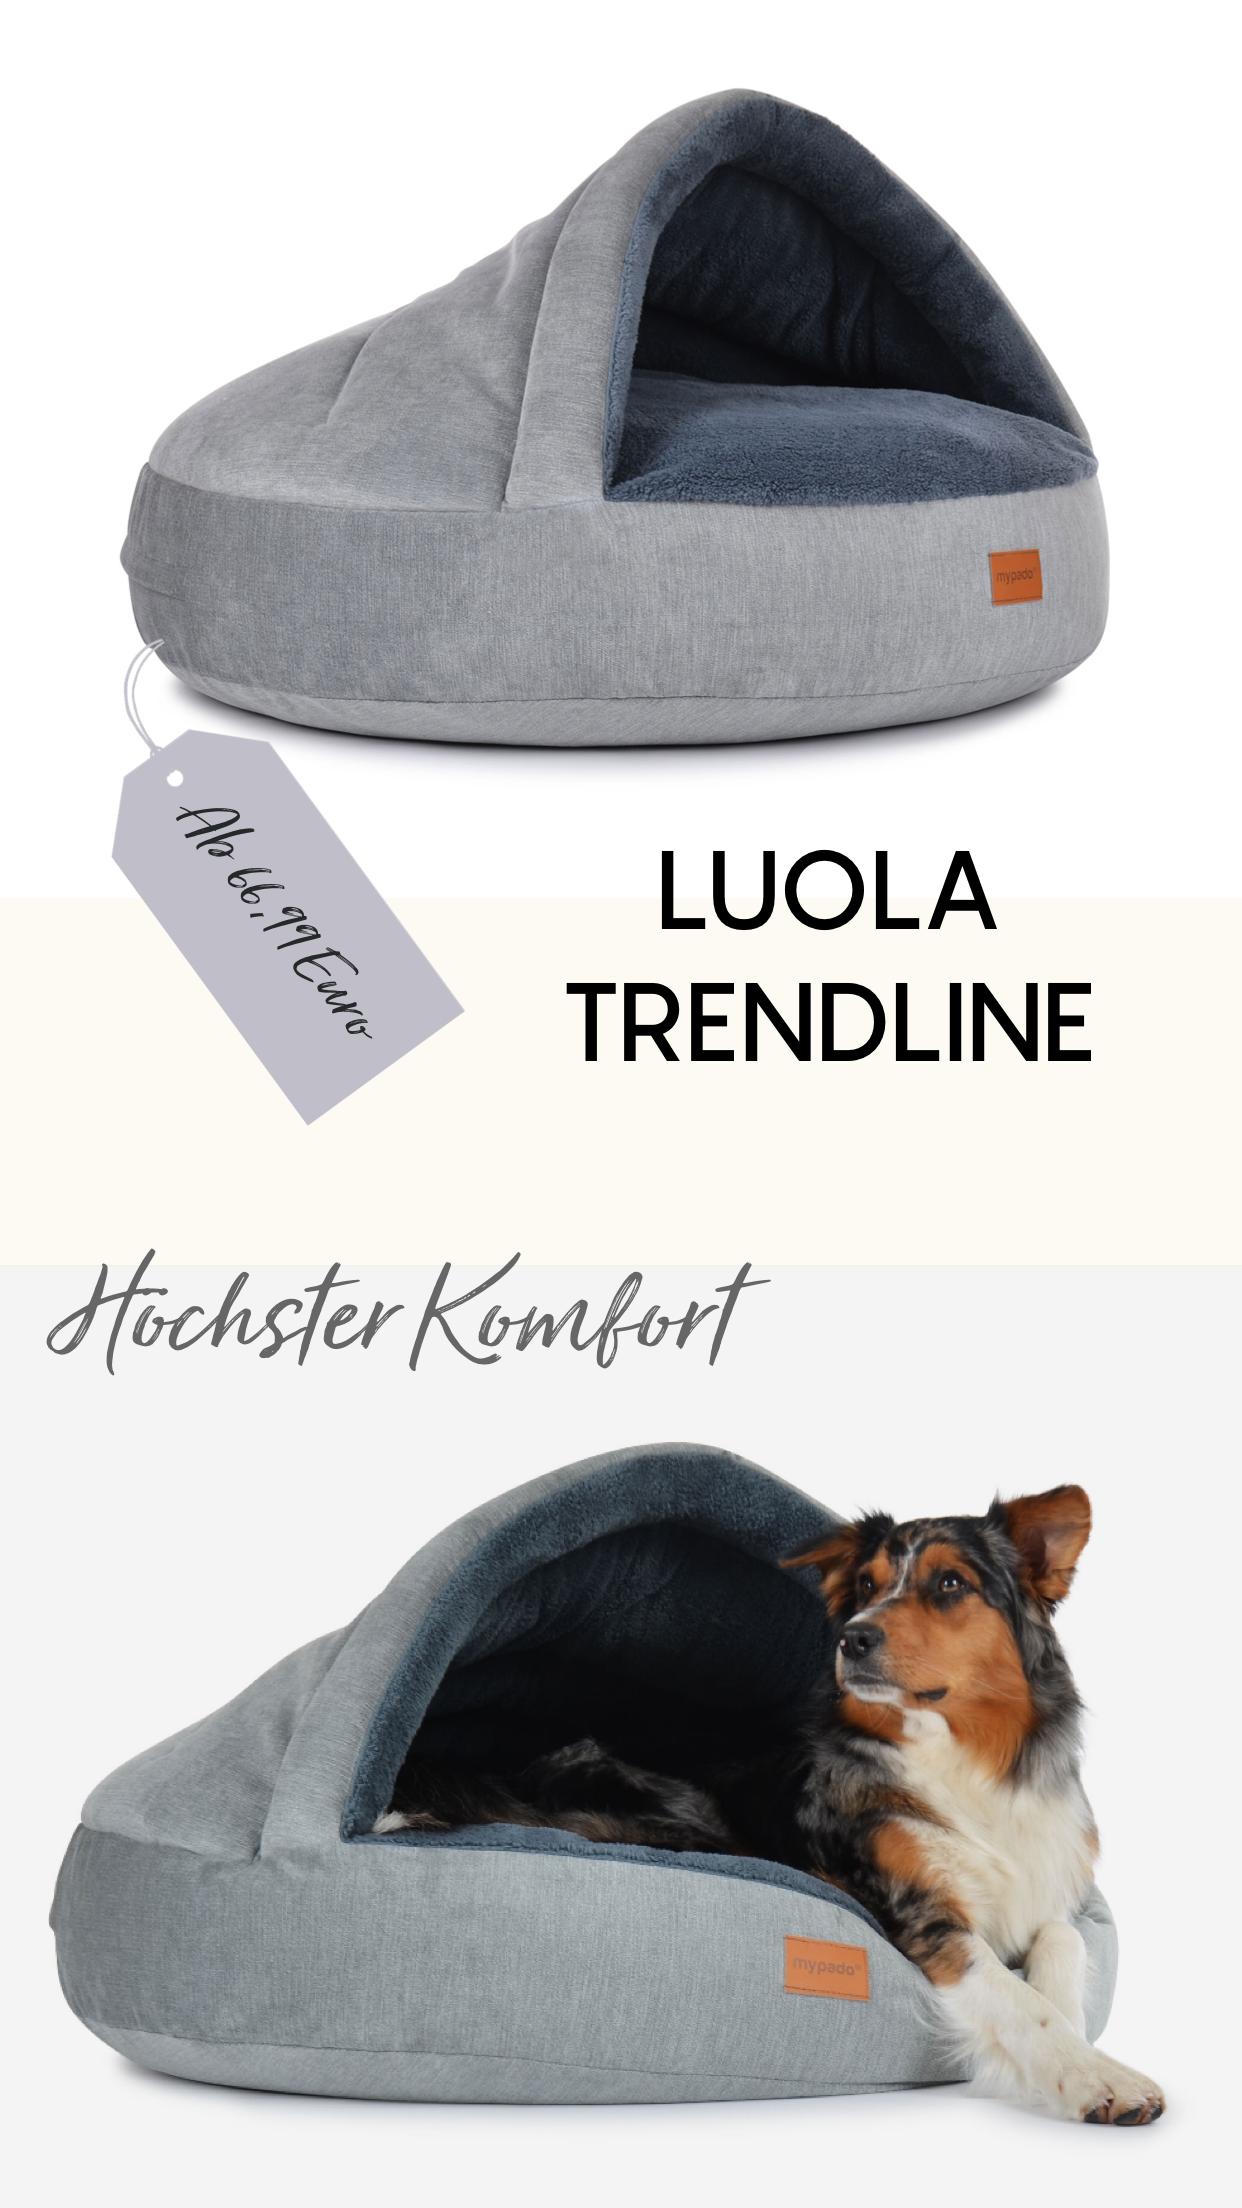 Luxus Luola Hundebett Hunde Bett Hundehohle Katzen Bett